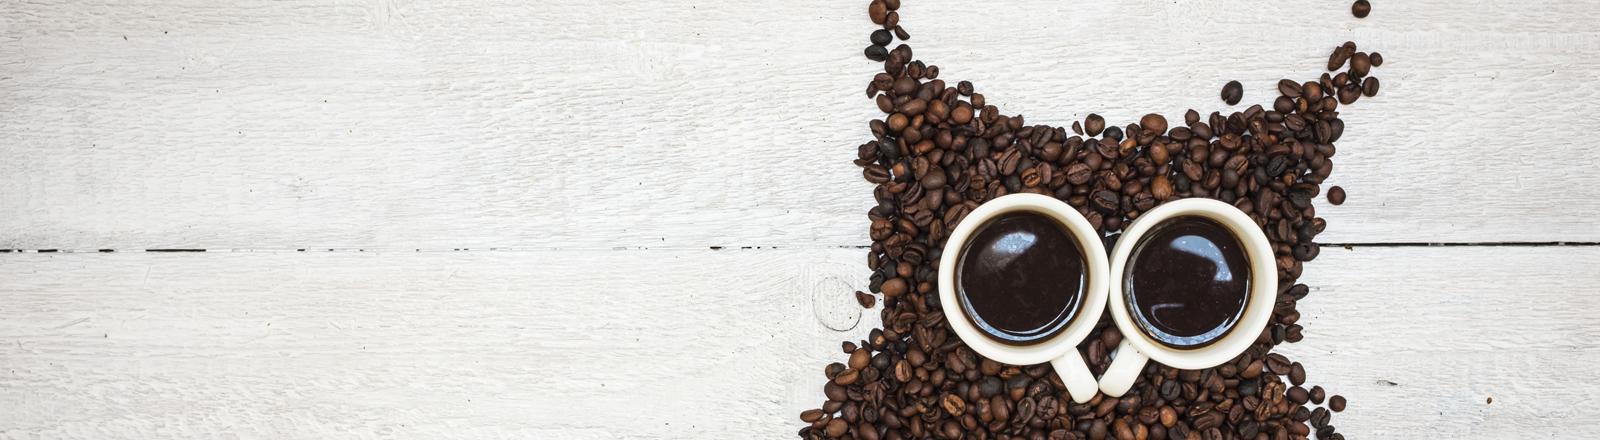 Eine Eule aus Kaffeebohnen und zwei Espressotassen